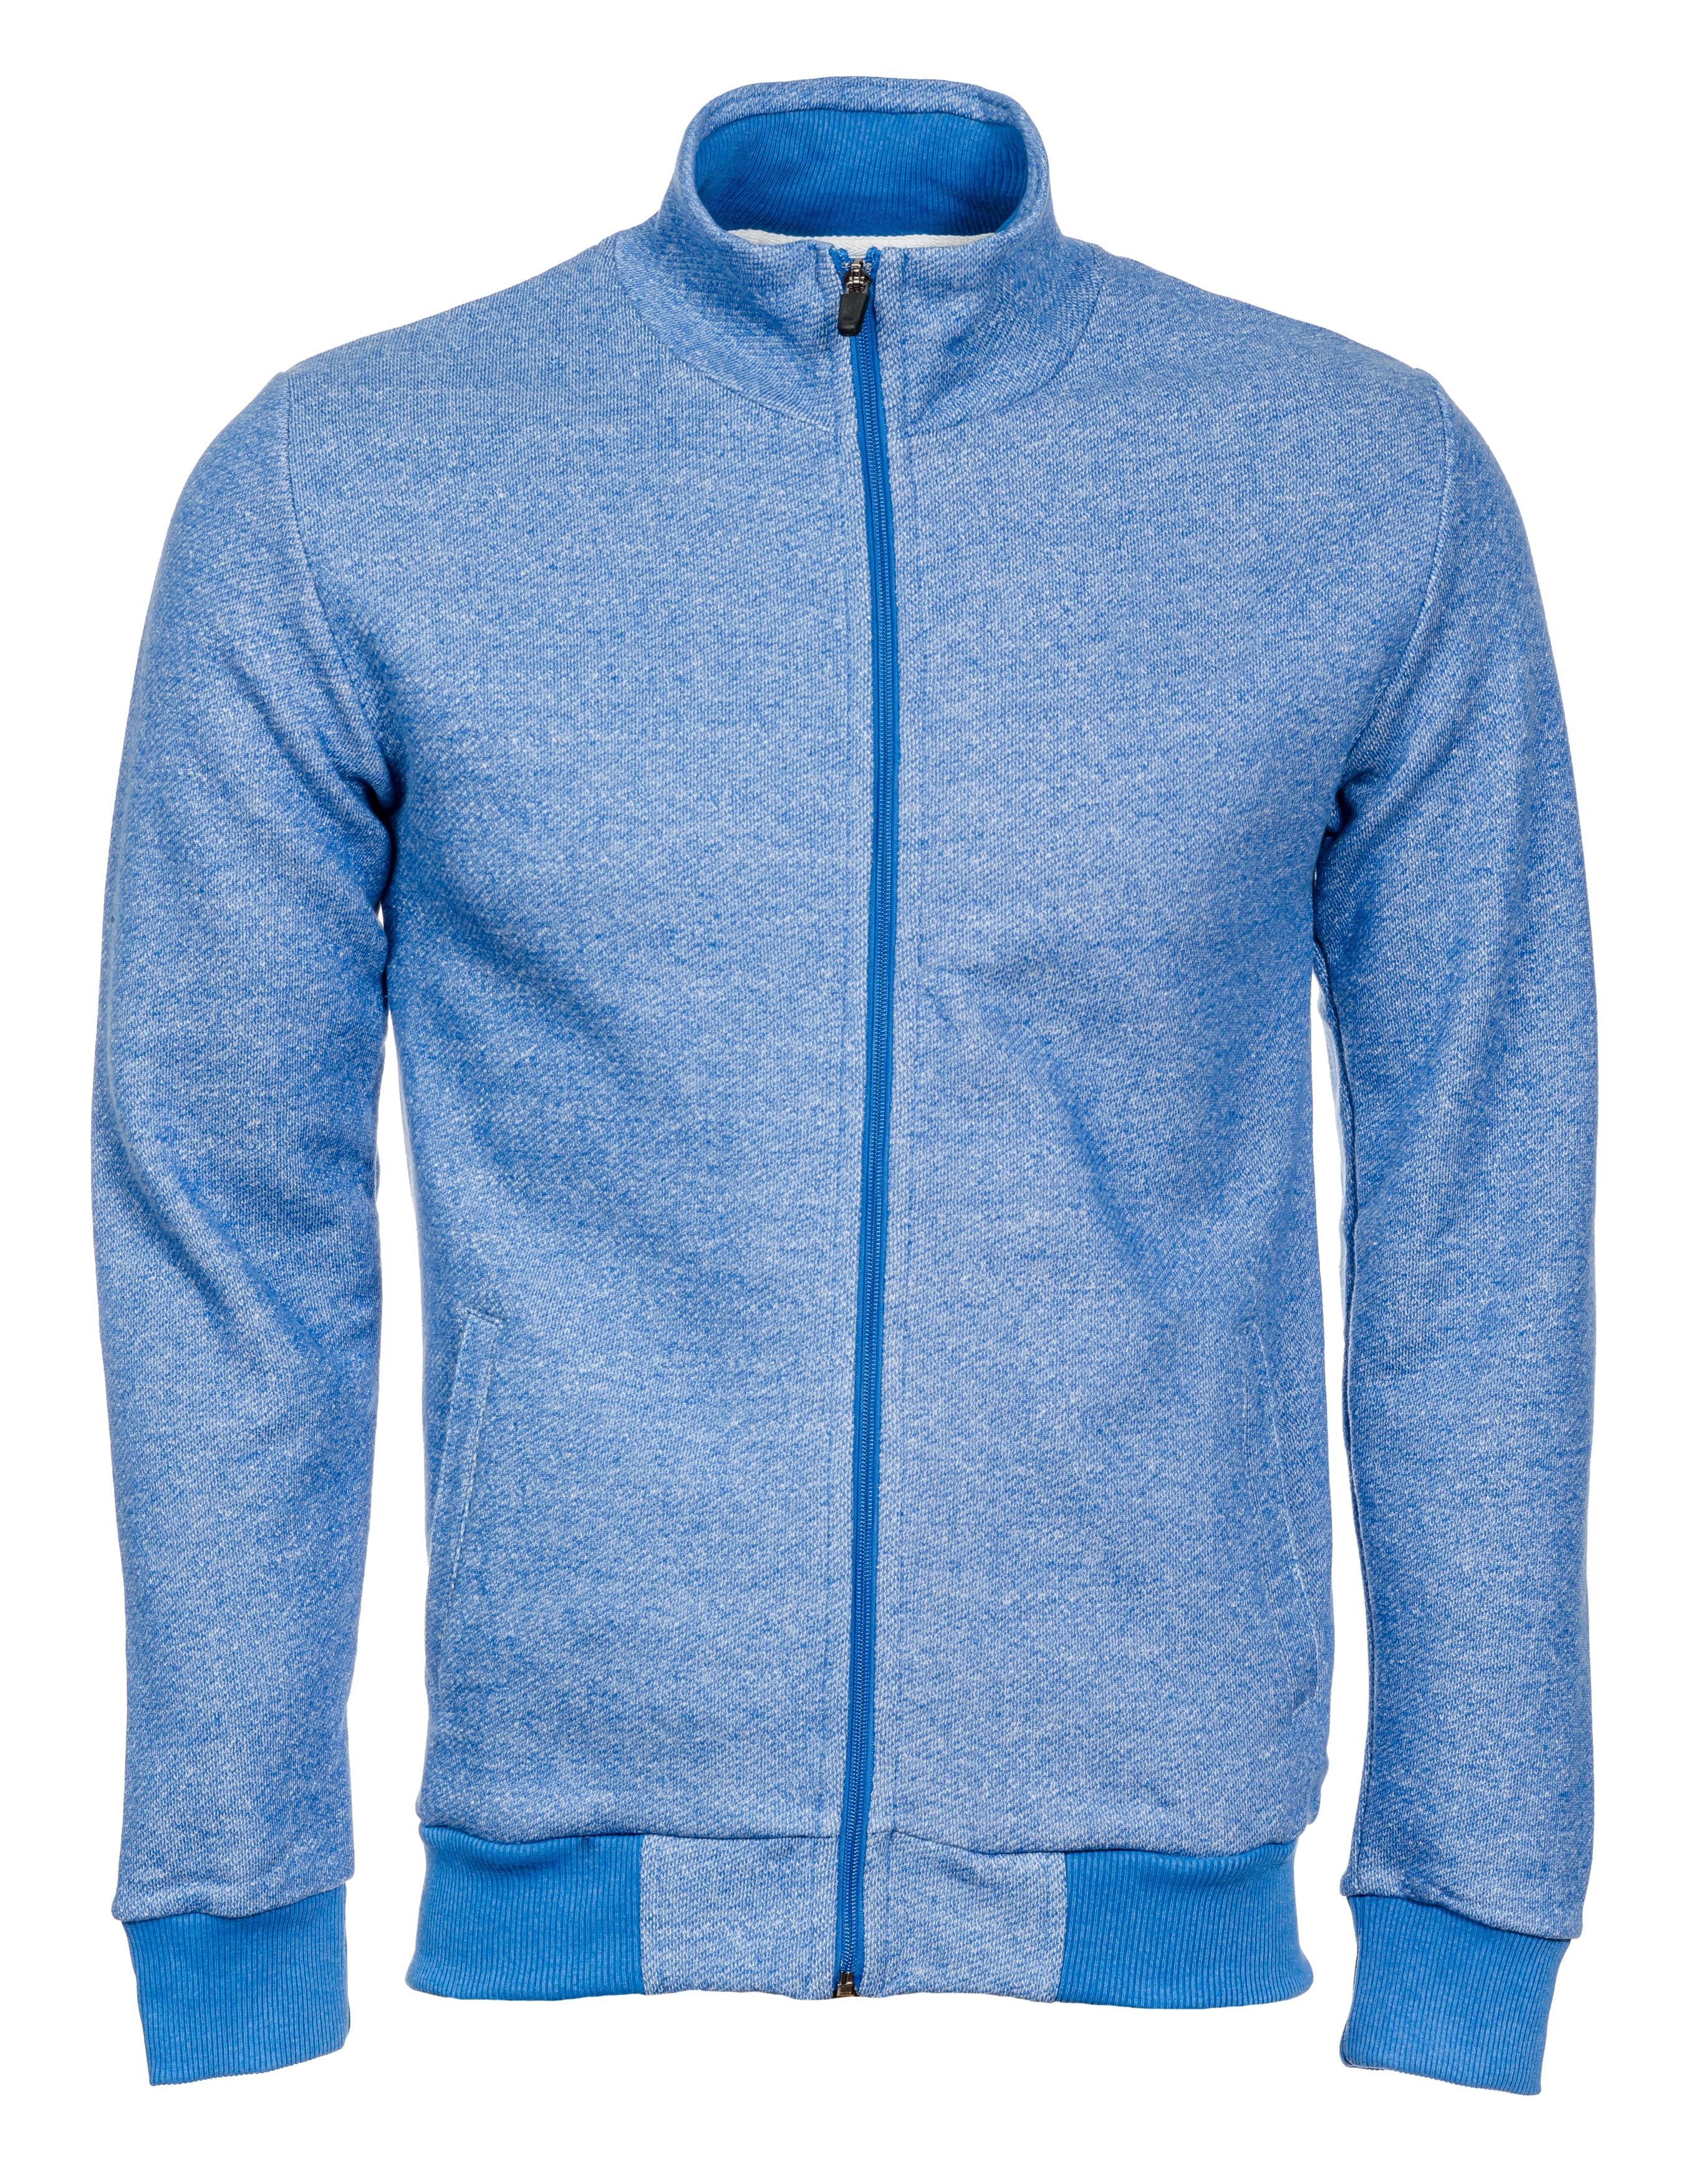 Custom made jackets (18)